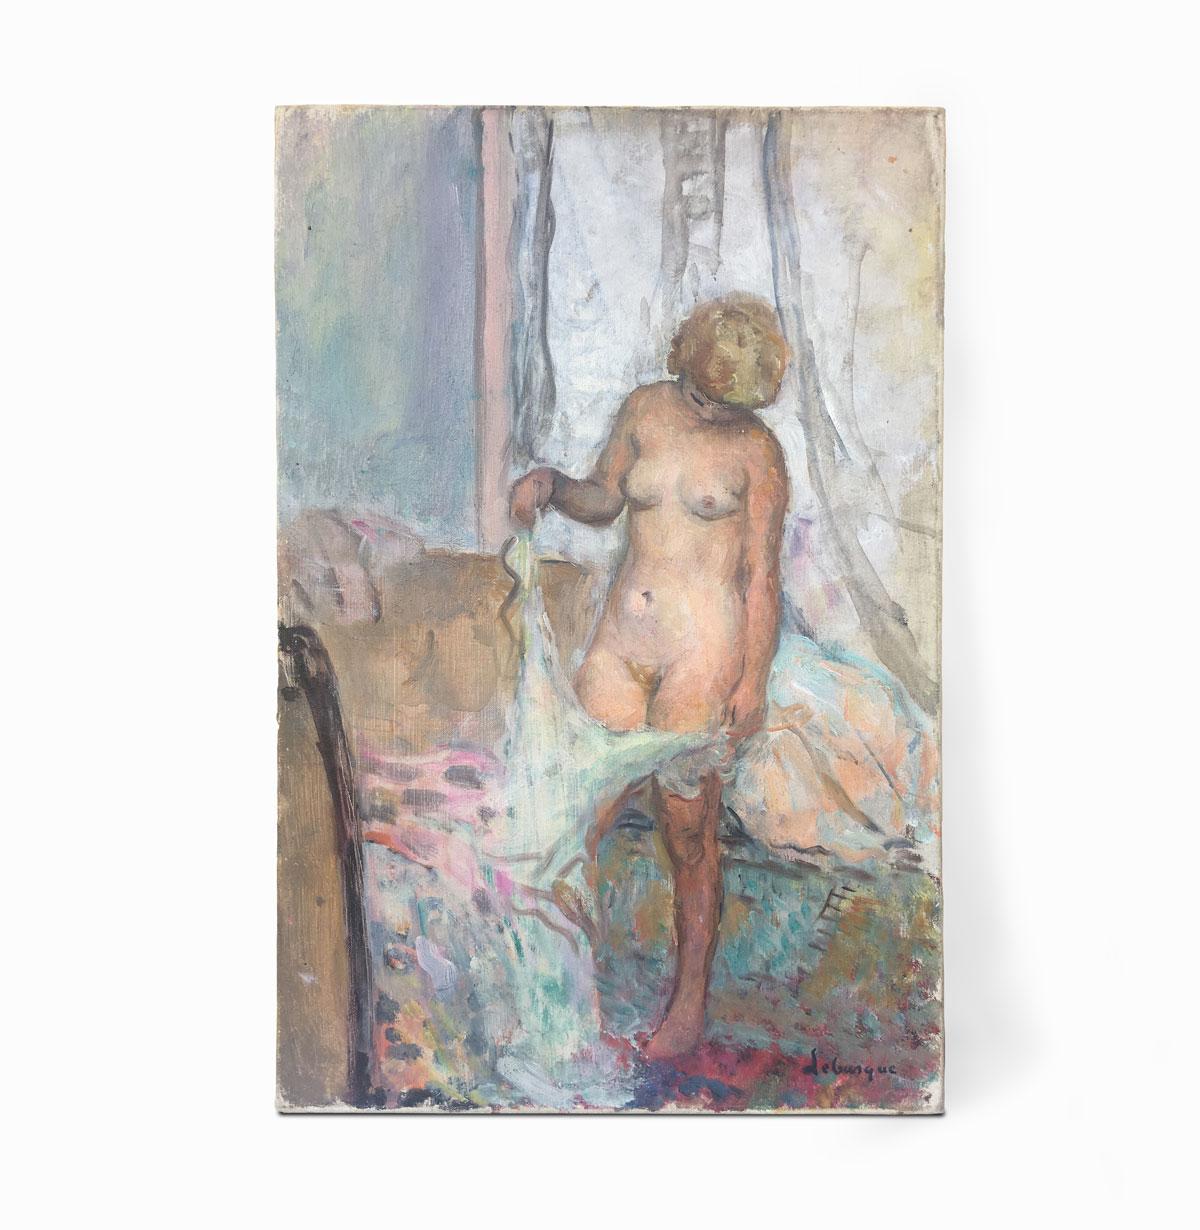 tableau de maitre moderne, meilleur prix, estimation, expertise, vendre achat vente henri lebasque portrait de femme nue